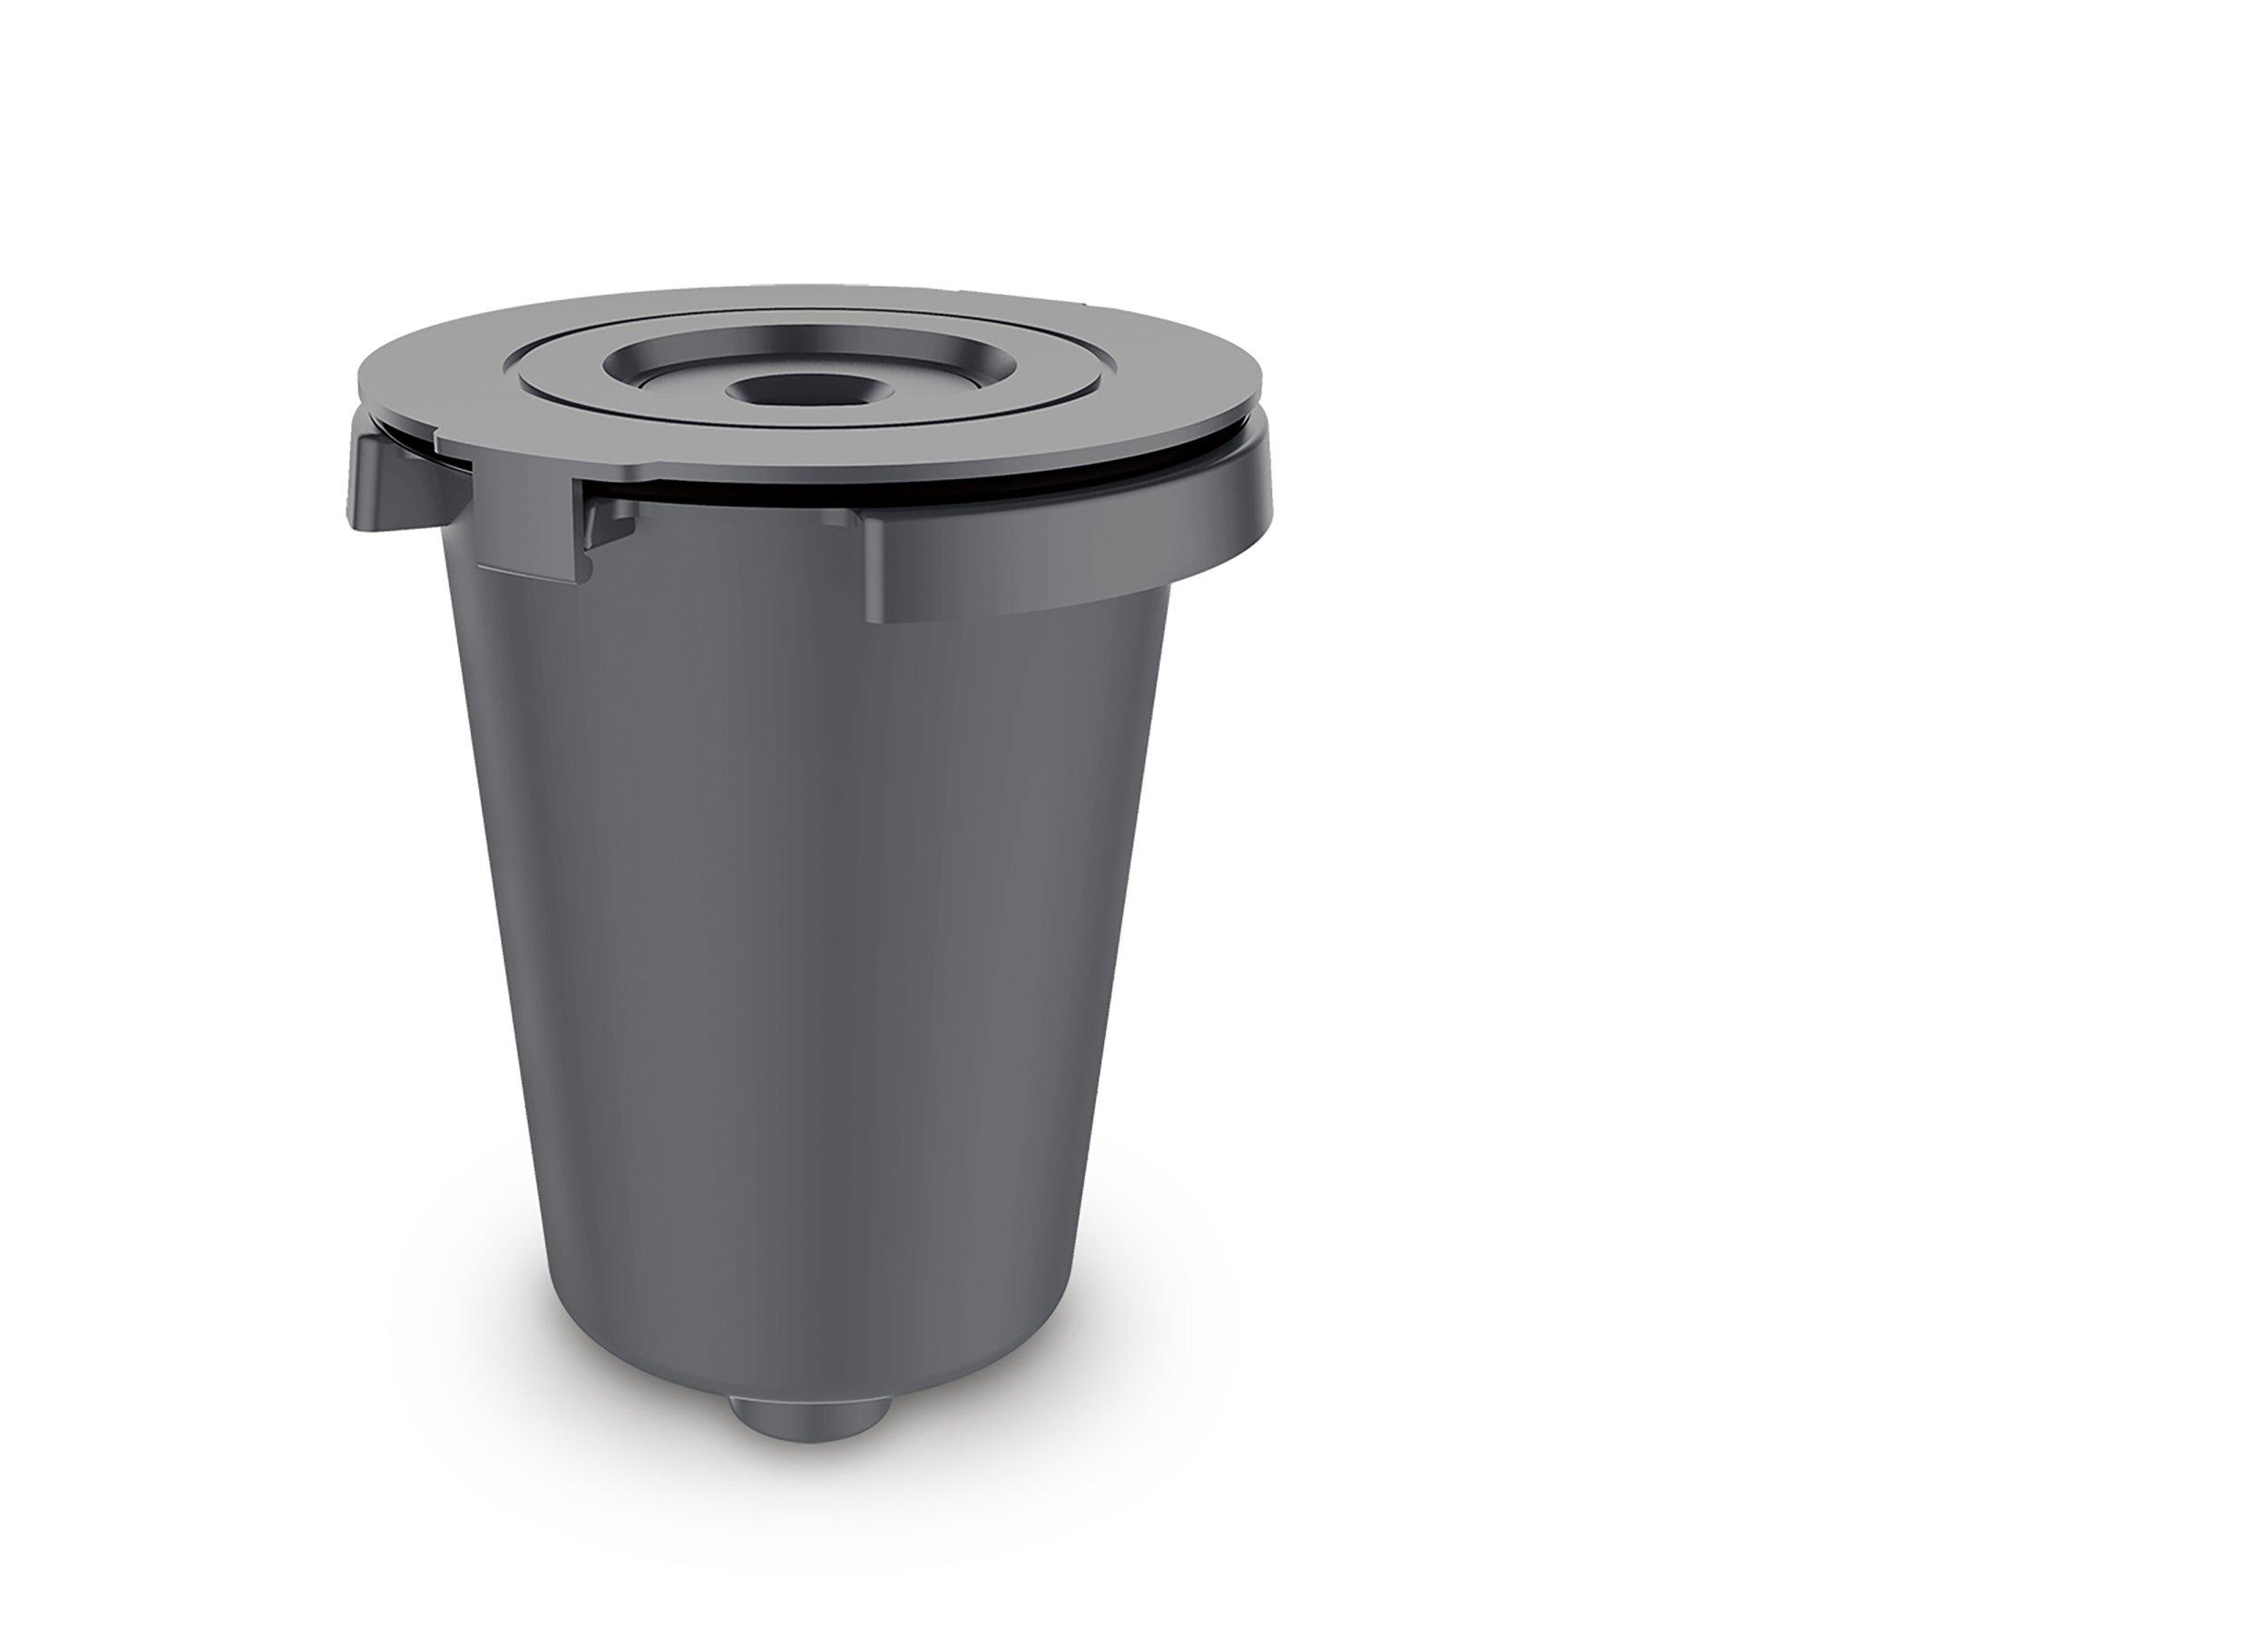 Cuisinart SS-RFC Cuisinart HomeBarista Reusable Filter Cup, Gray